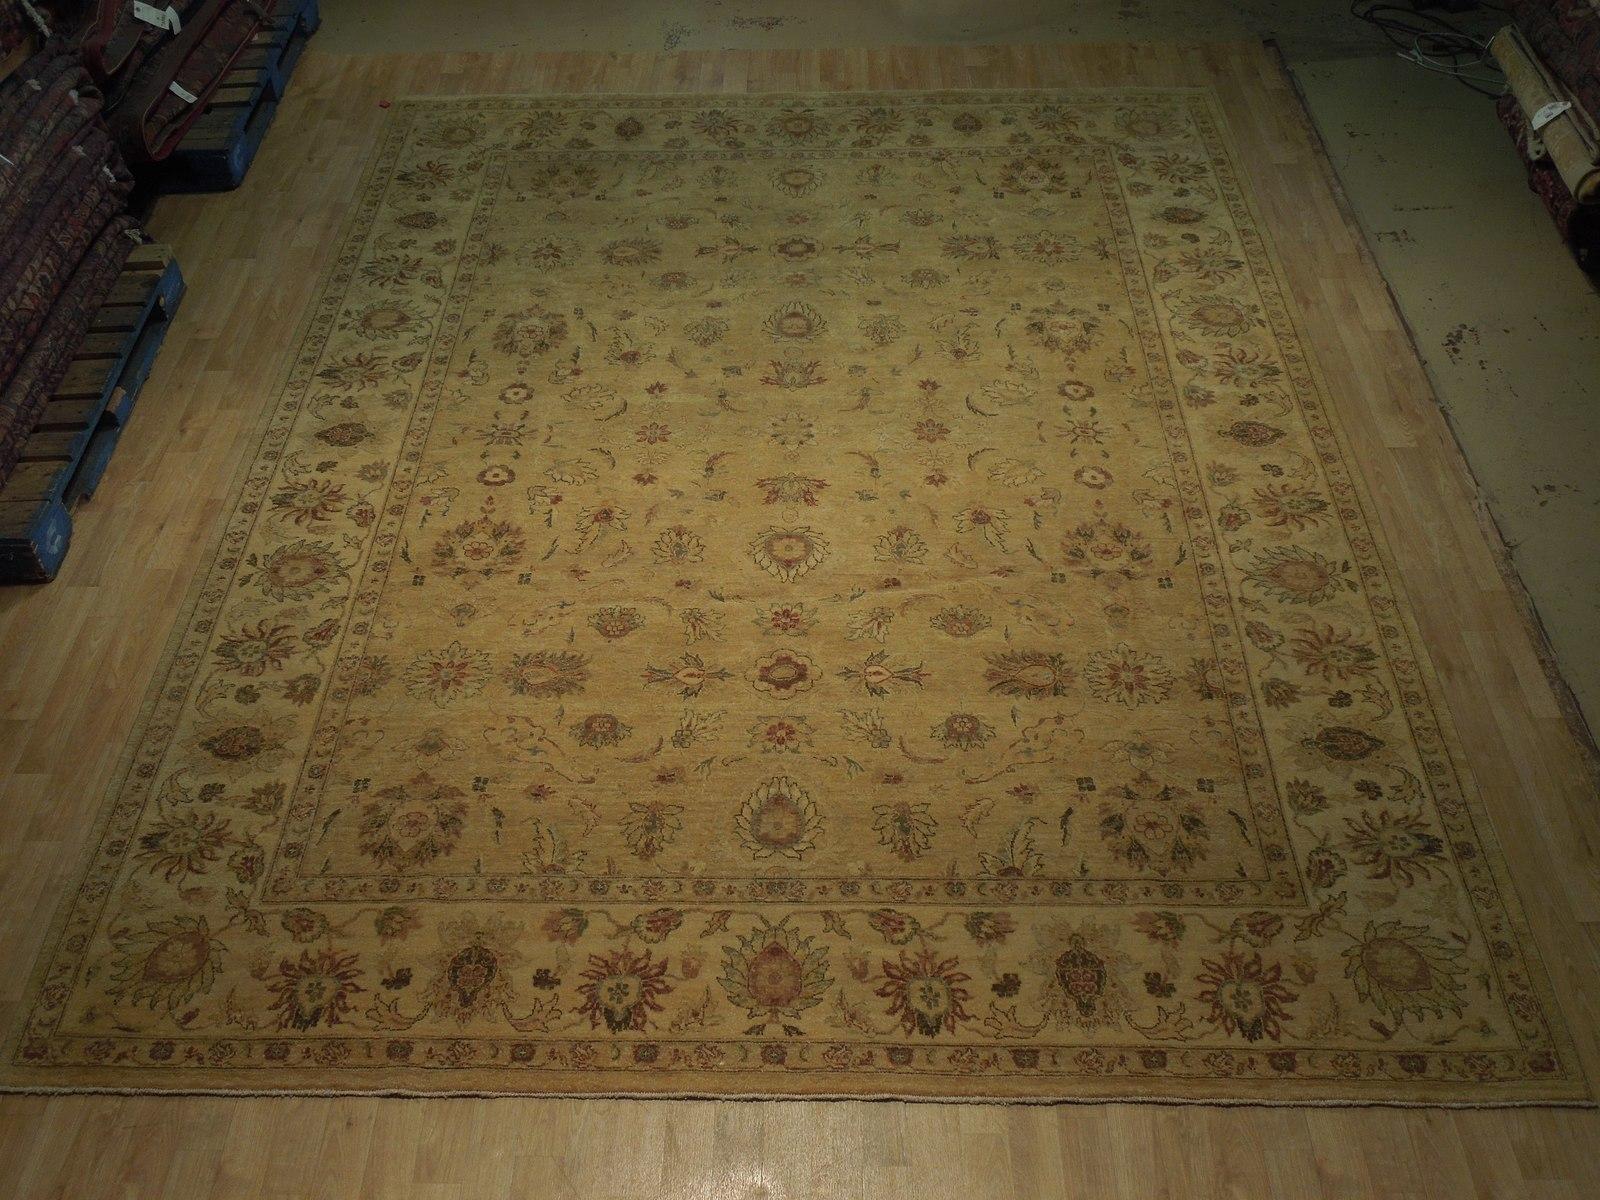 Honey Gold Wool Carpet 9' x 12' New Original Ziglar Oushak Hand-Knotted Rug image 4